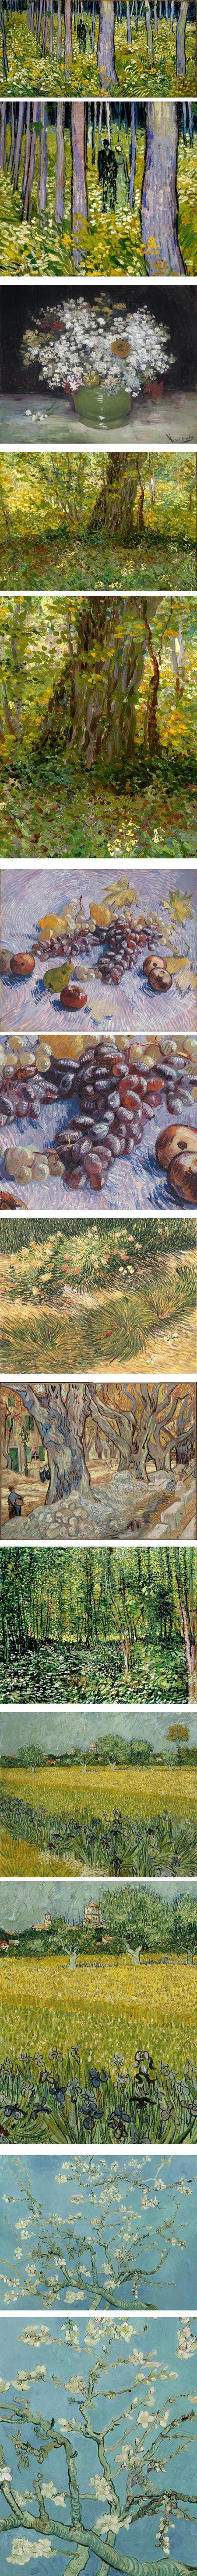 9fb340c57fa1b1d4f60b30020873652f Impressionnant De Salon De Jardin Tressé Leclerc Conception